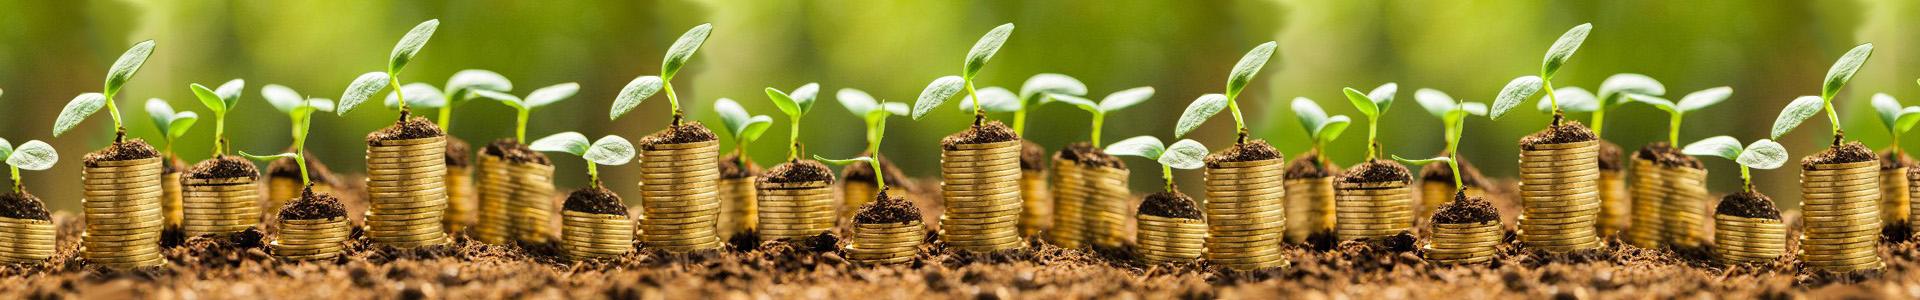 Financial Empowerment